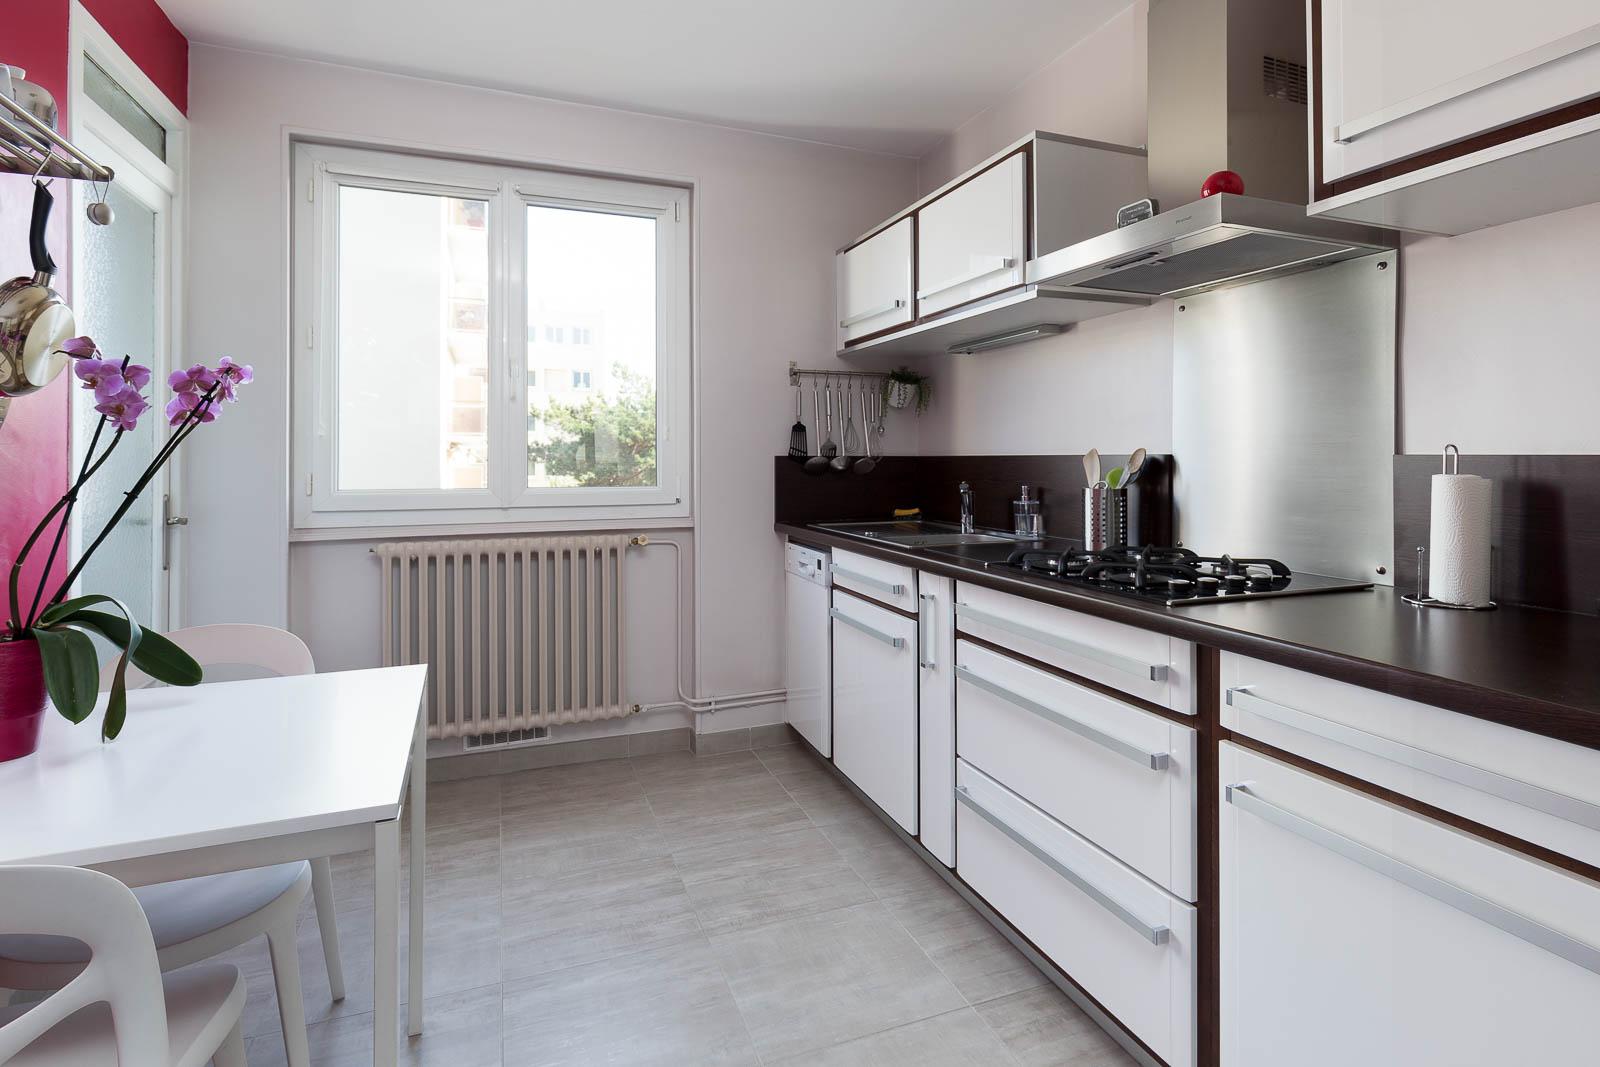 Immobilier - ©Yohan Boniface Photographe - Mariage Portraits Immobilier Entreprises Clermont Ferrand Auvergne France (31).jpg